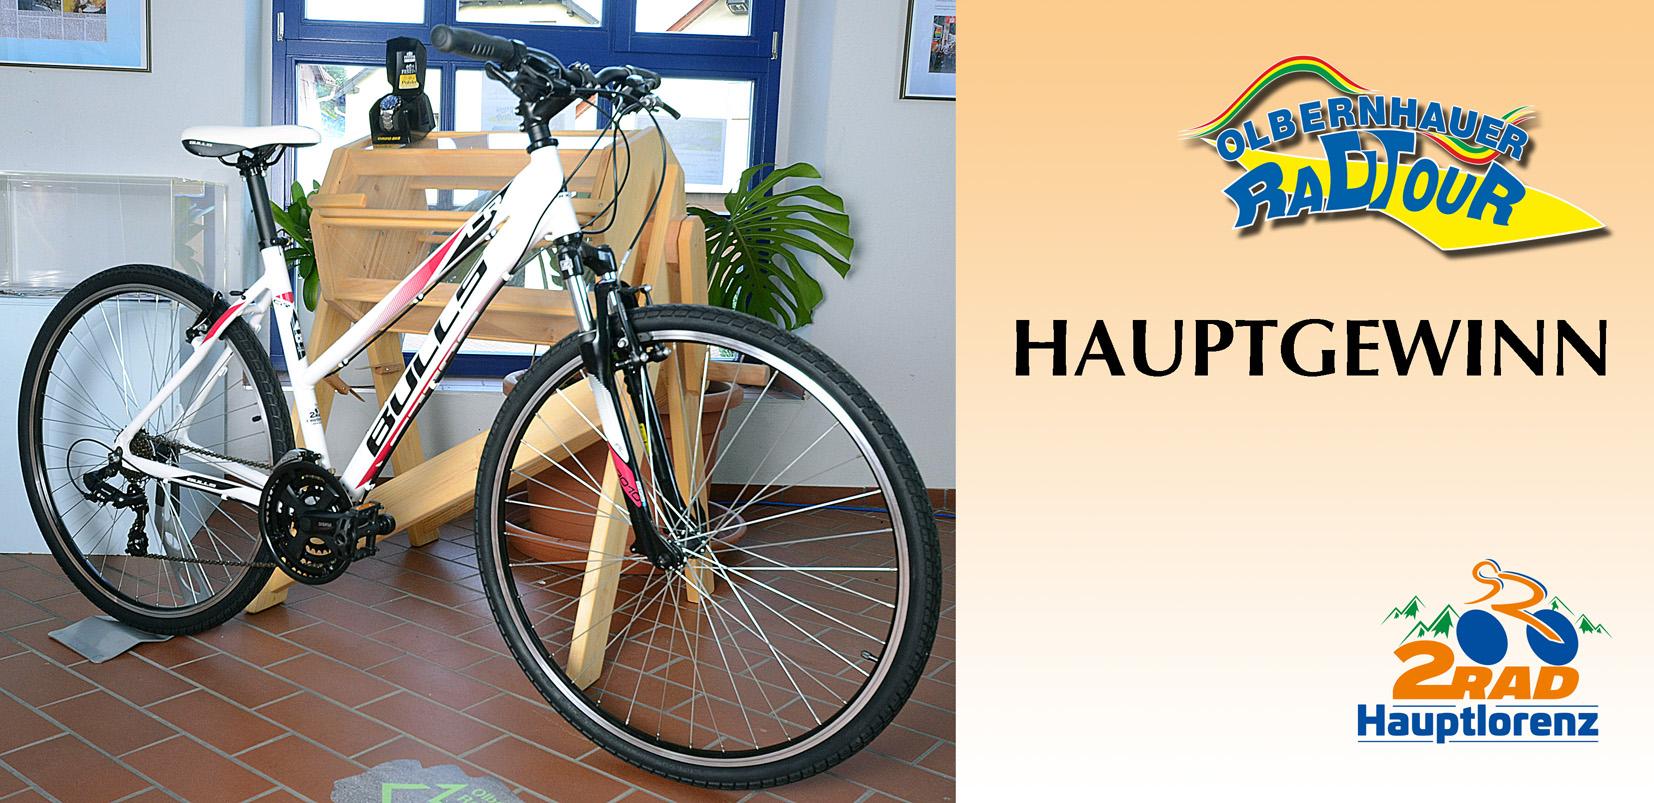 Hauptgewinn der Tombola zur 25. Olbernhauer Radtour (gestiftet durch Zweiradsport Olbernhau)